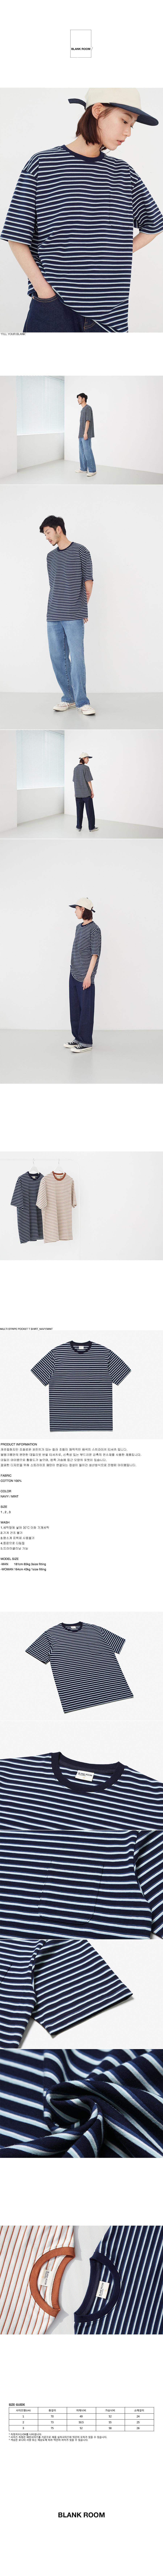 블랭크룸(BLANK ROOM) 멀티 스트라이프 포켓 티 셔츠_네이비/민트